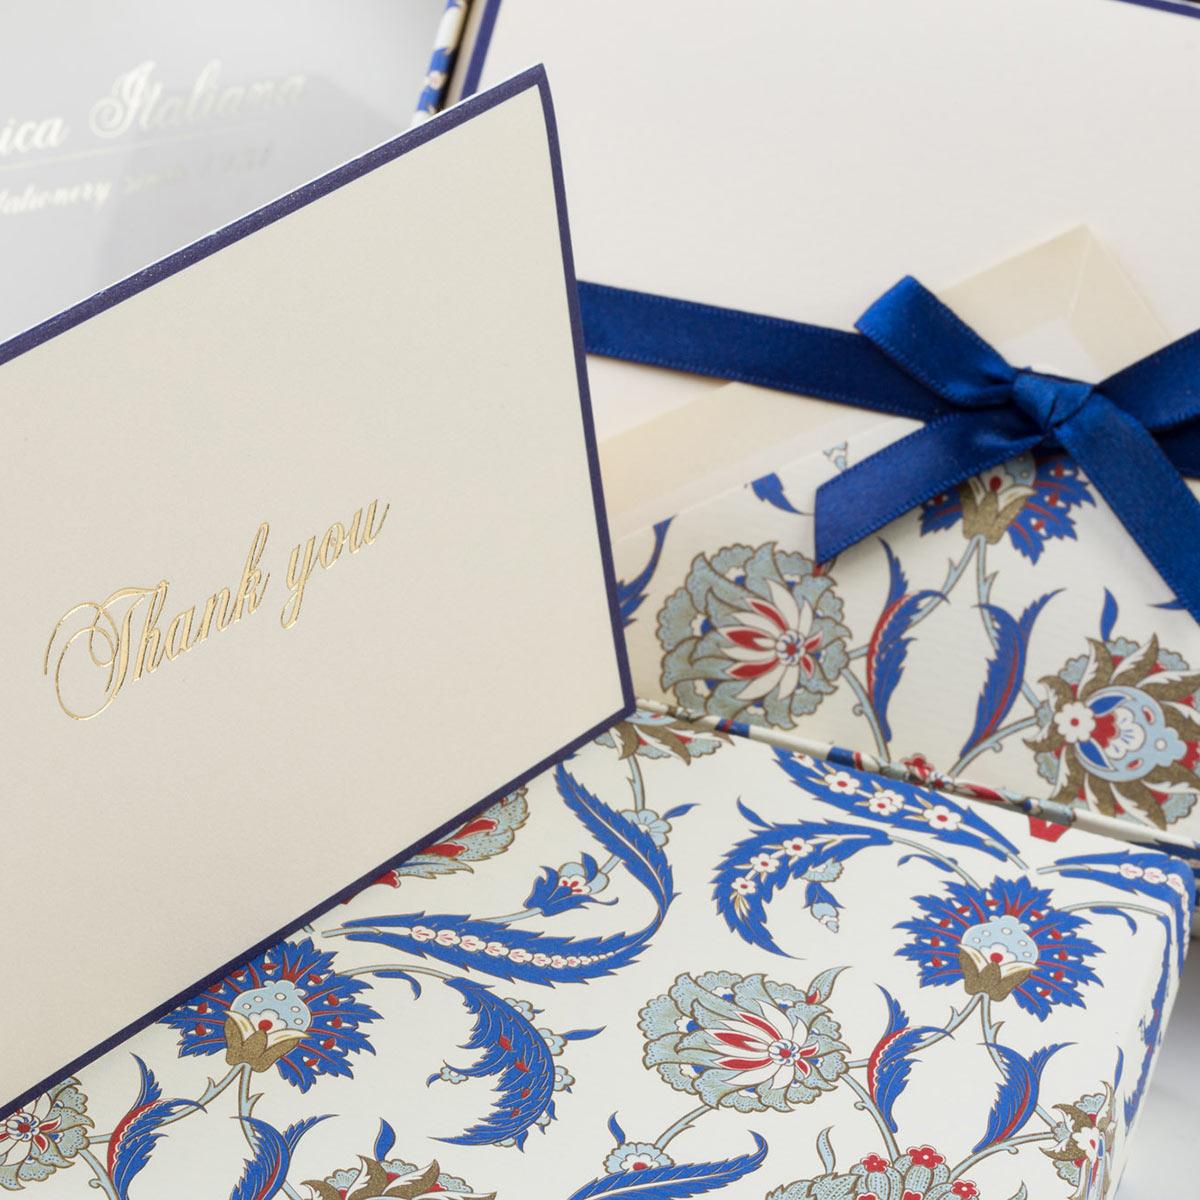 Carta classica italiana con disegni arabesque blu